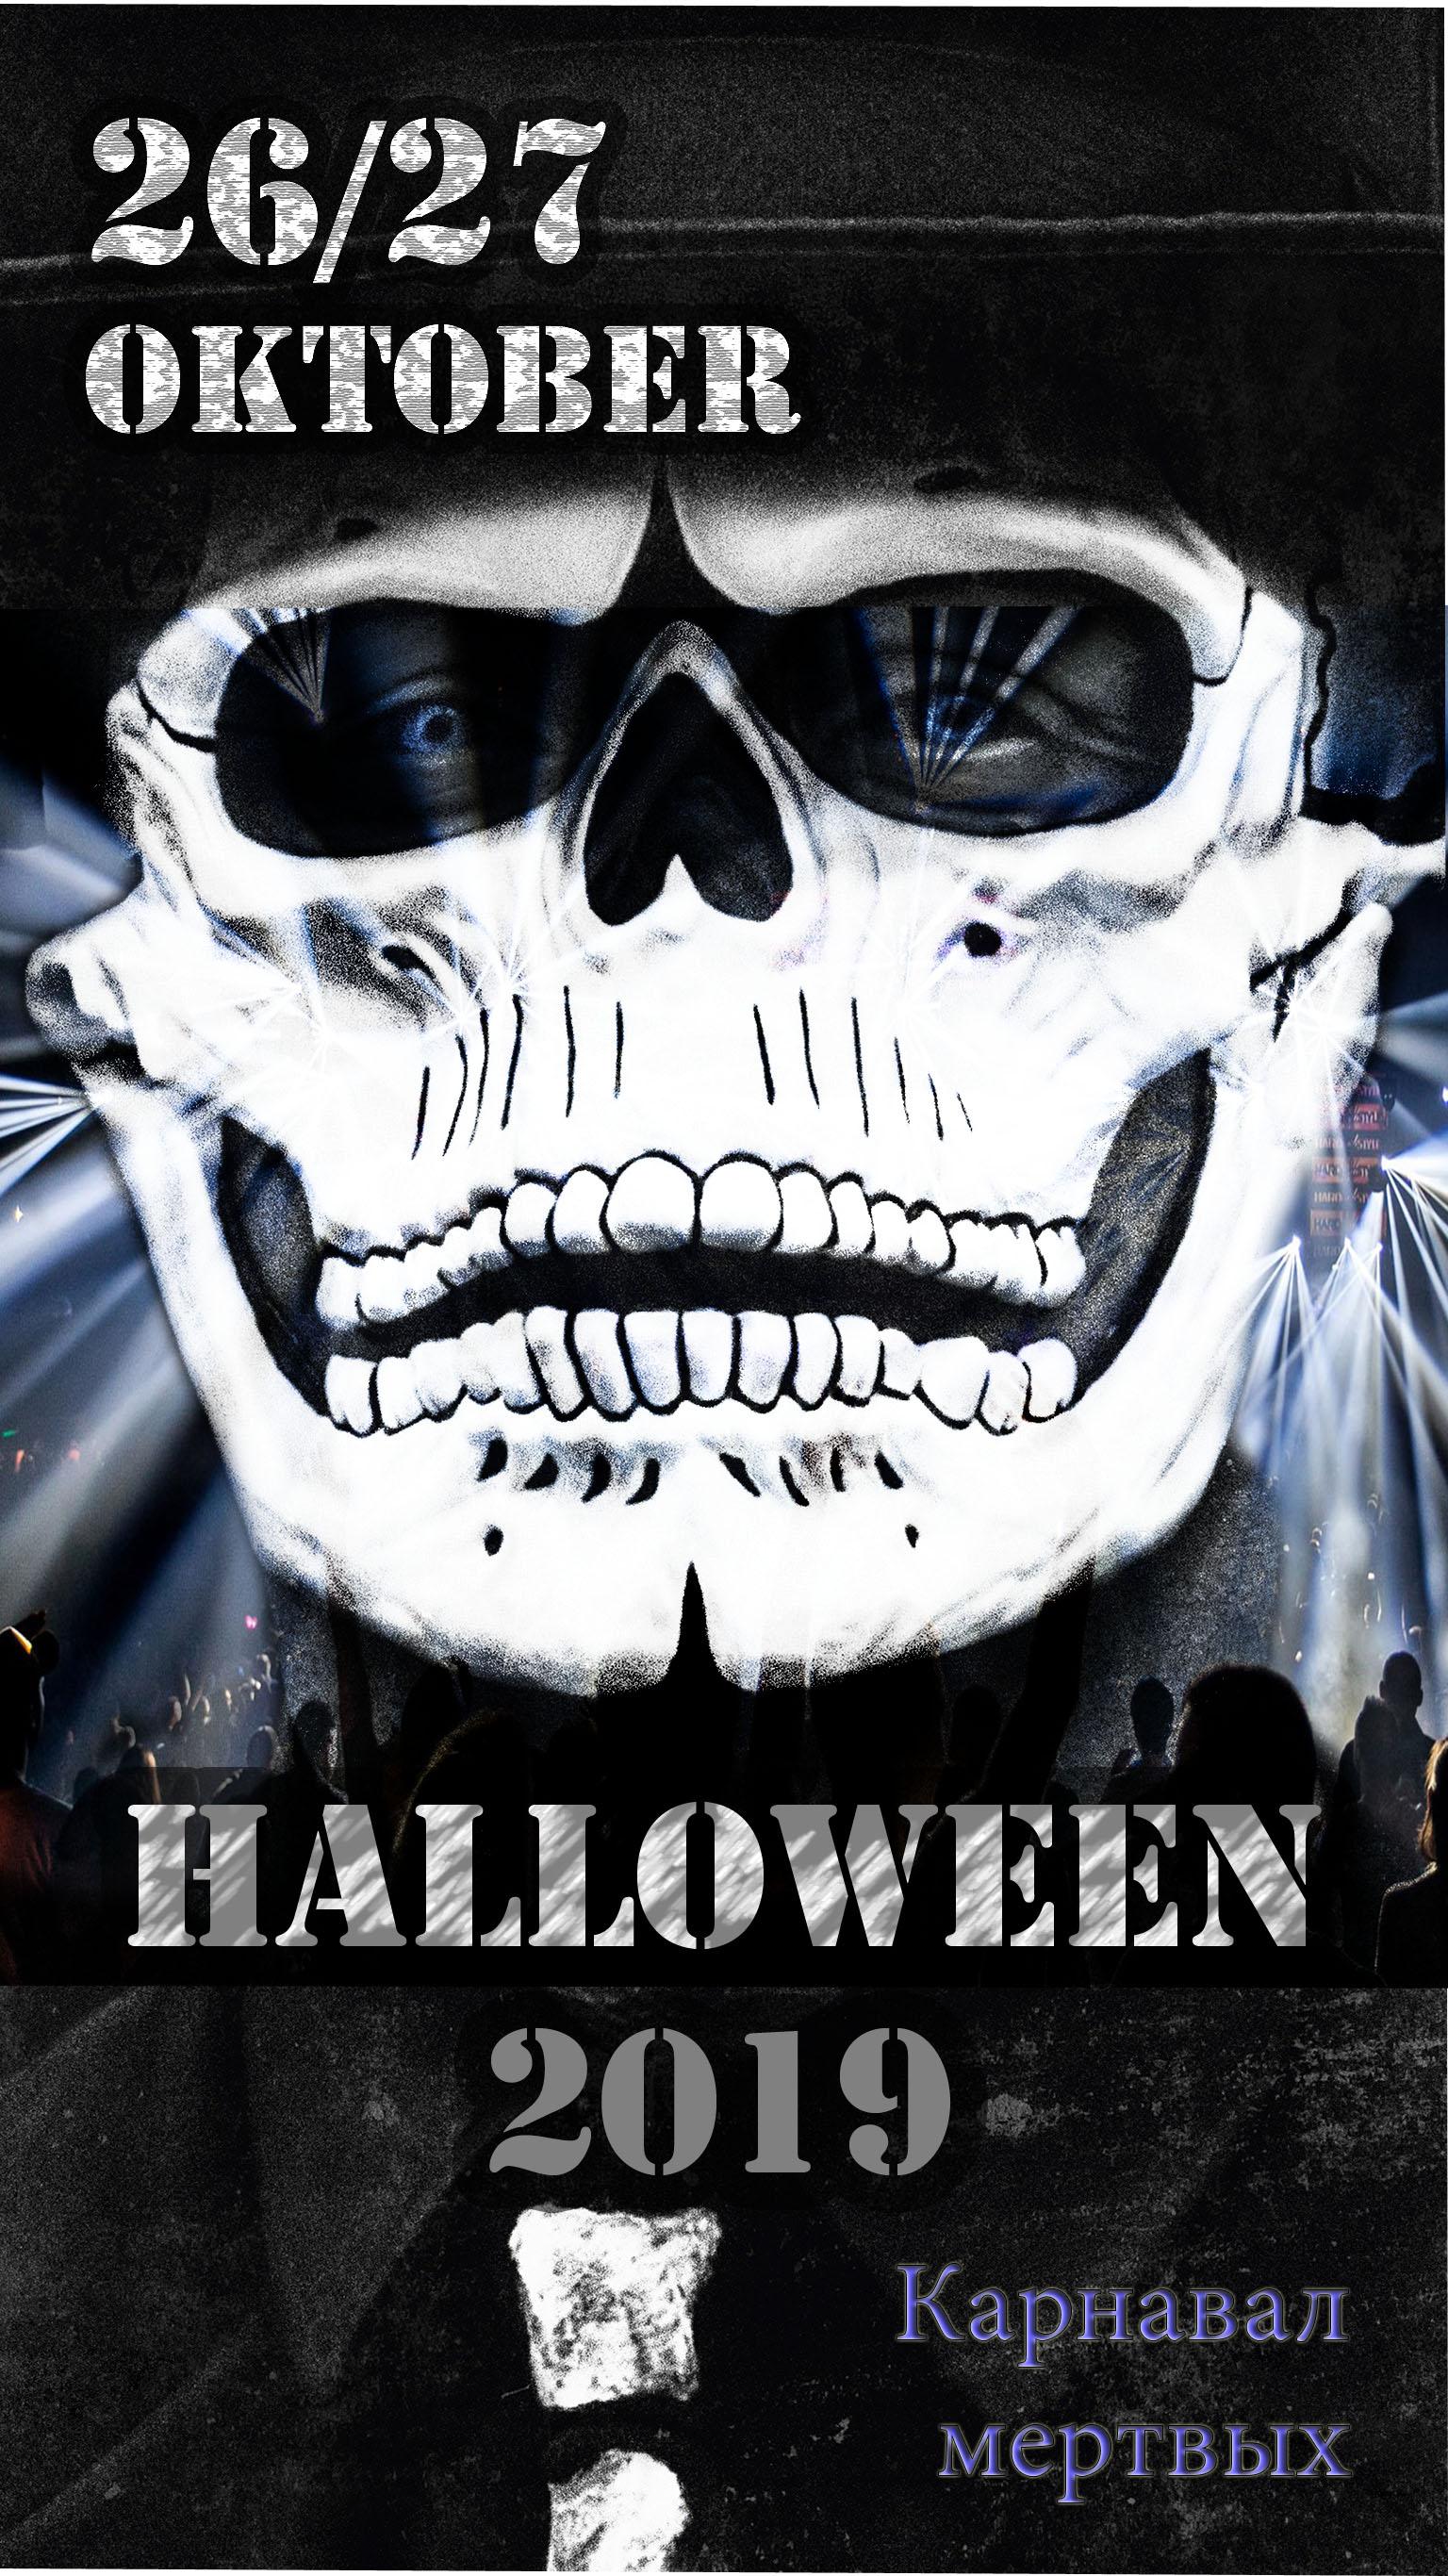 Дизайн афиши Хэллоуин 2019 для сети ночных клубов фото f_5925c6ee7a195c21.jpg